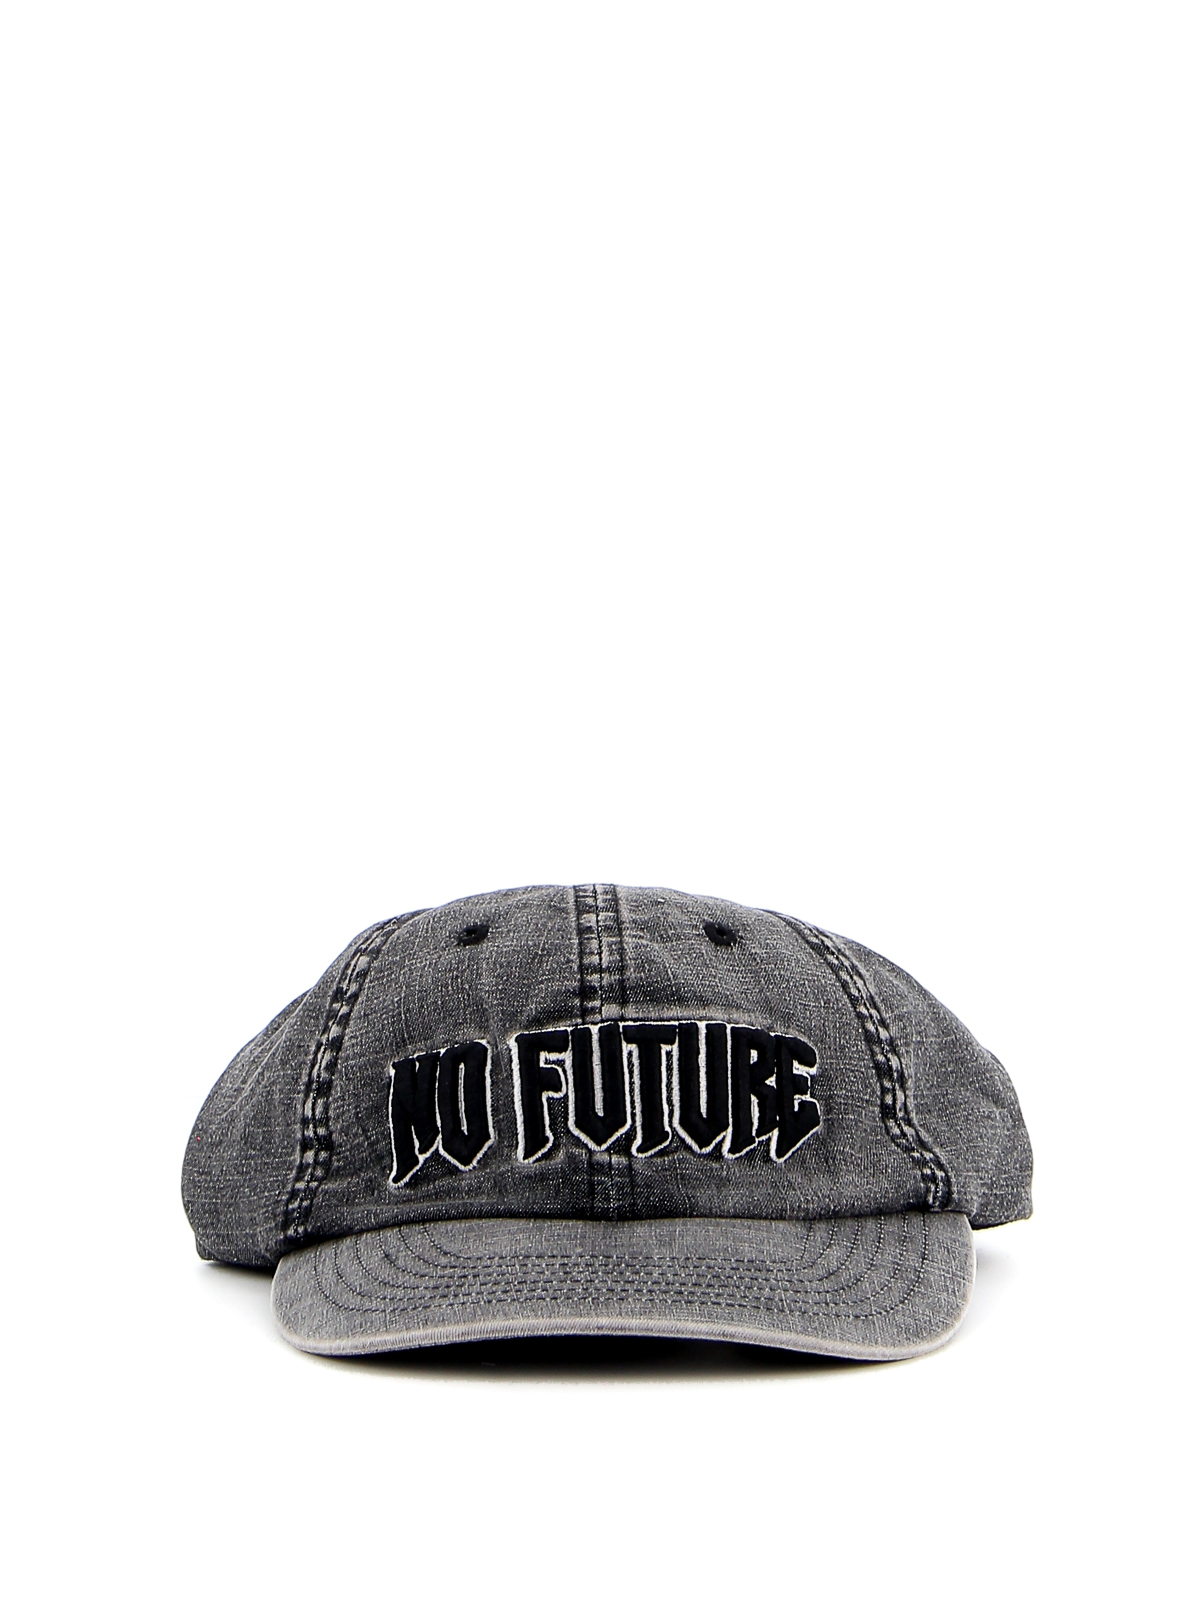 Picture of Aries | No Future Cap